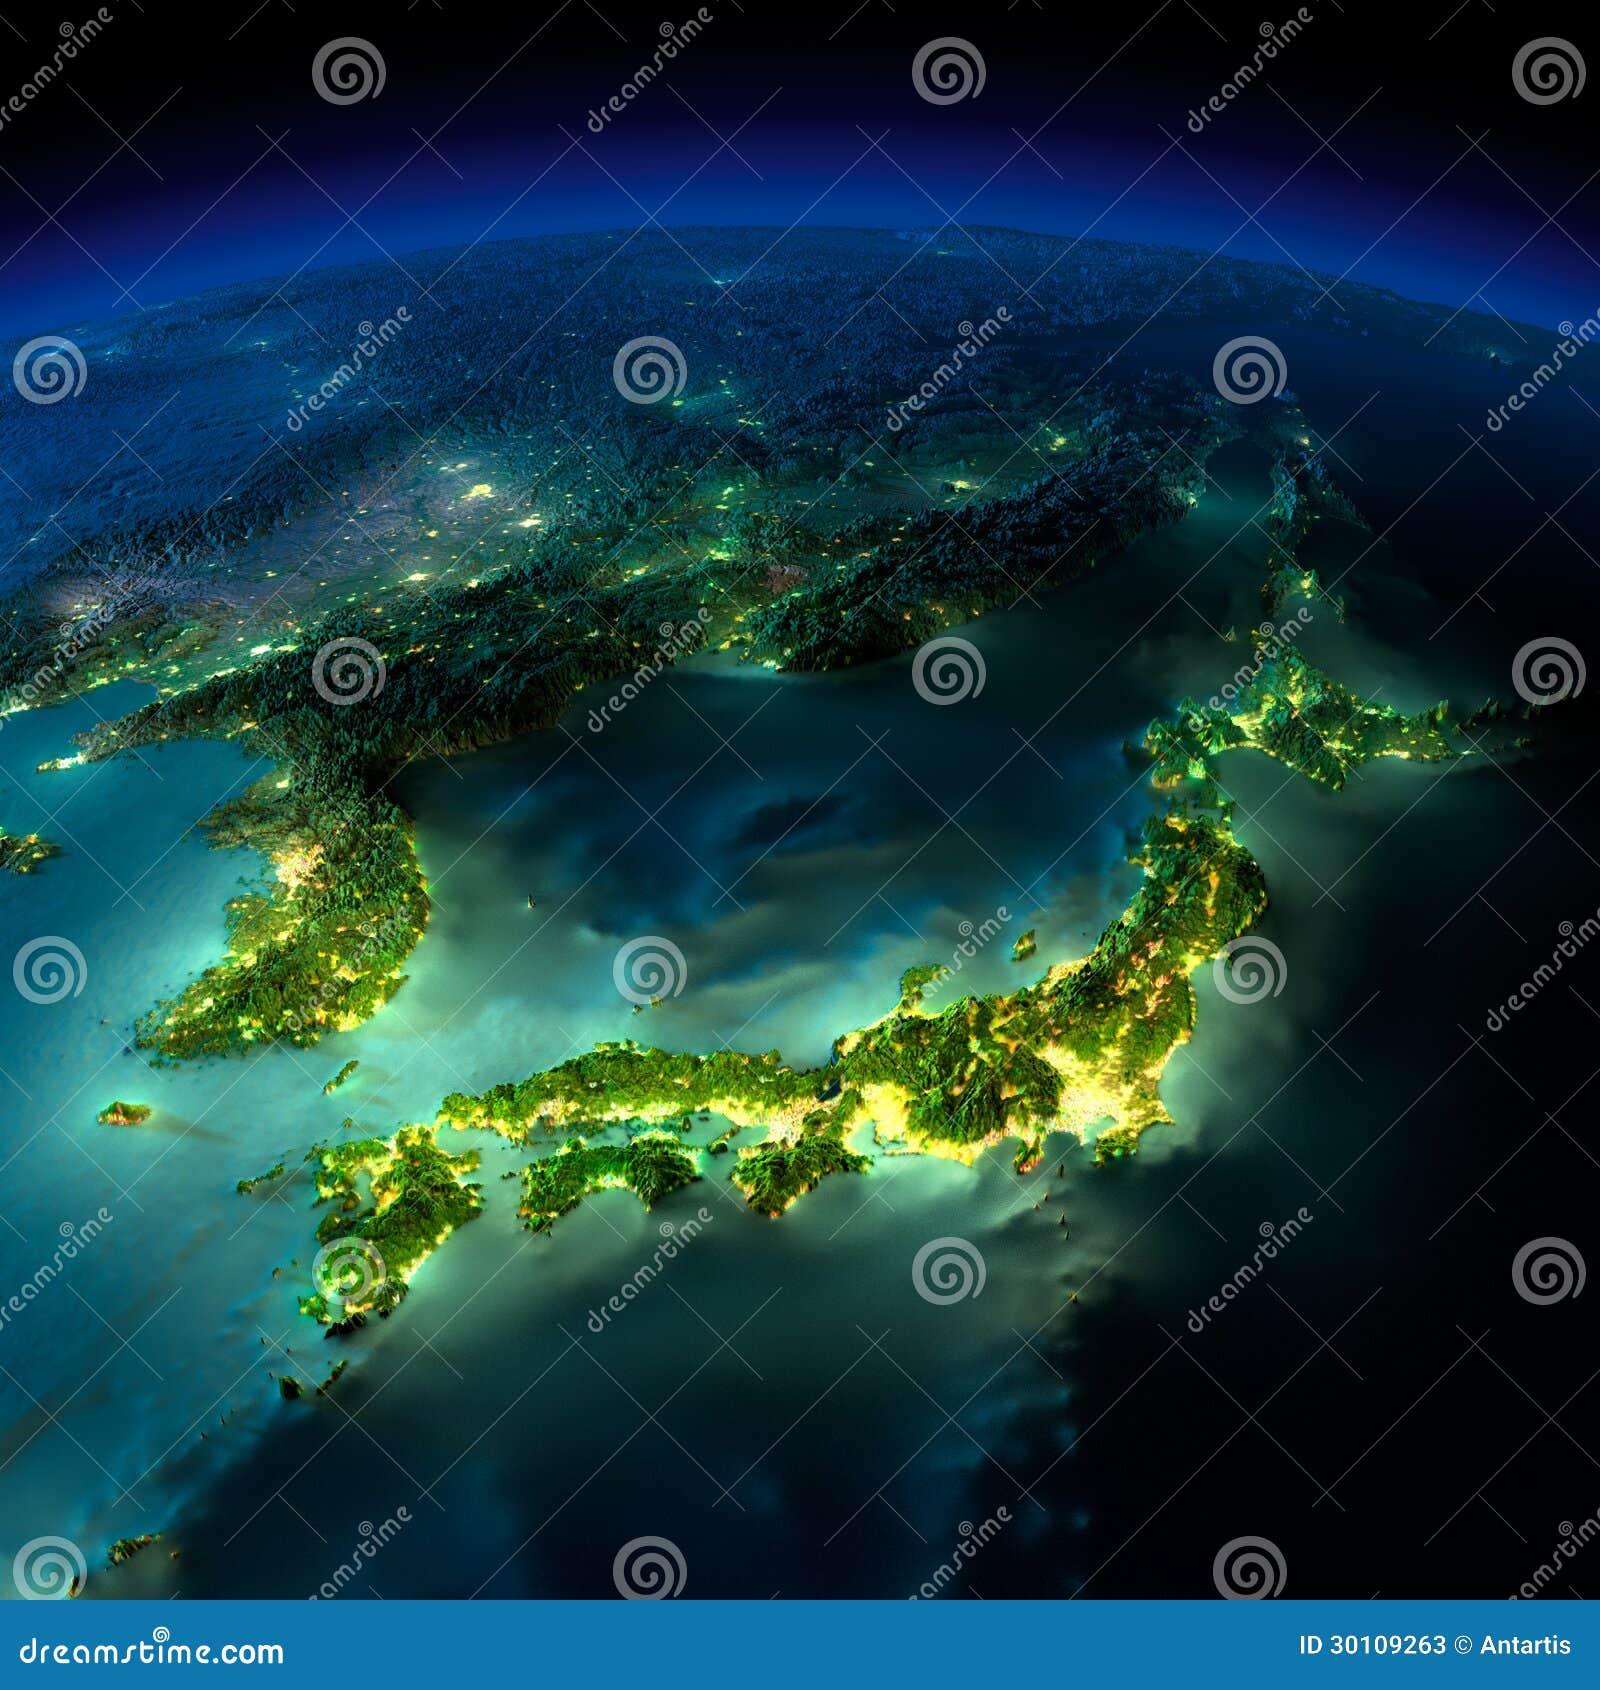 Γη νύχτας. Ένα κομμάτι της Ασίας - της Ιαπωνίας, Κορέα, Κίνα